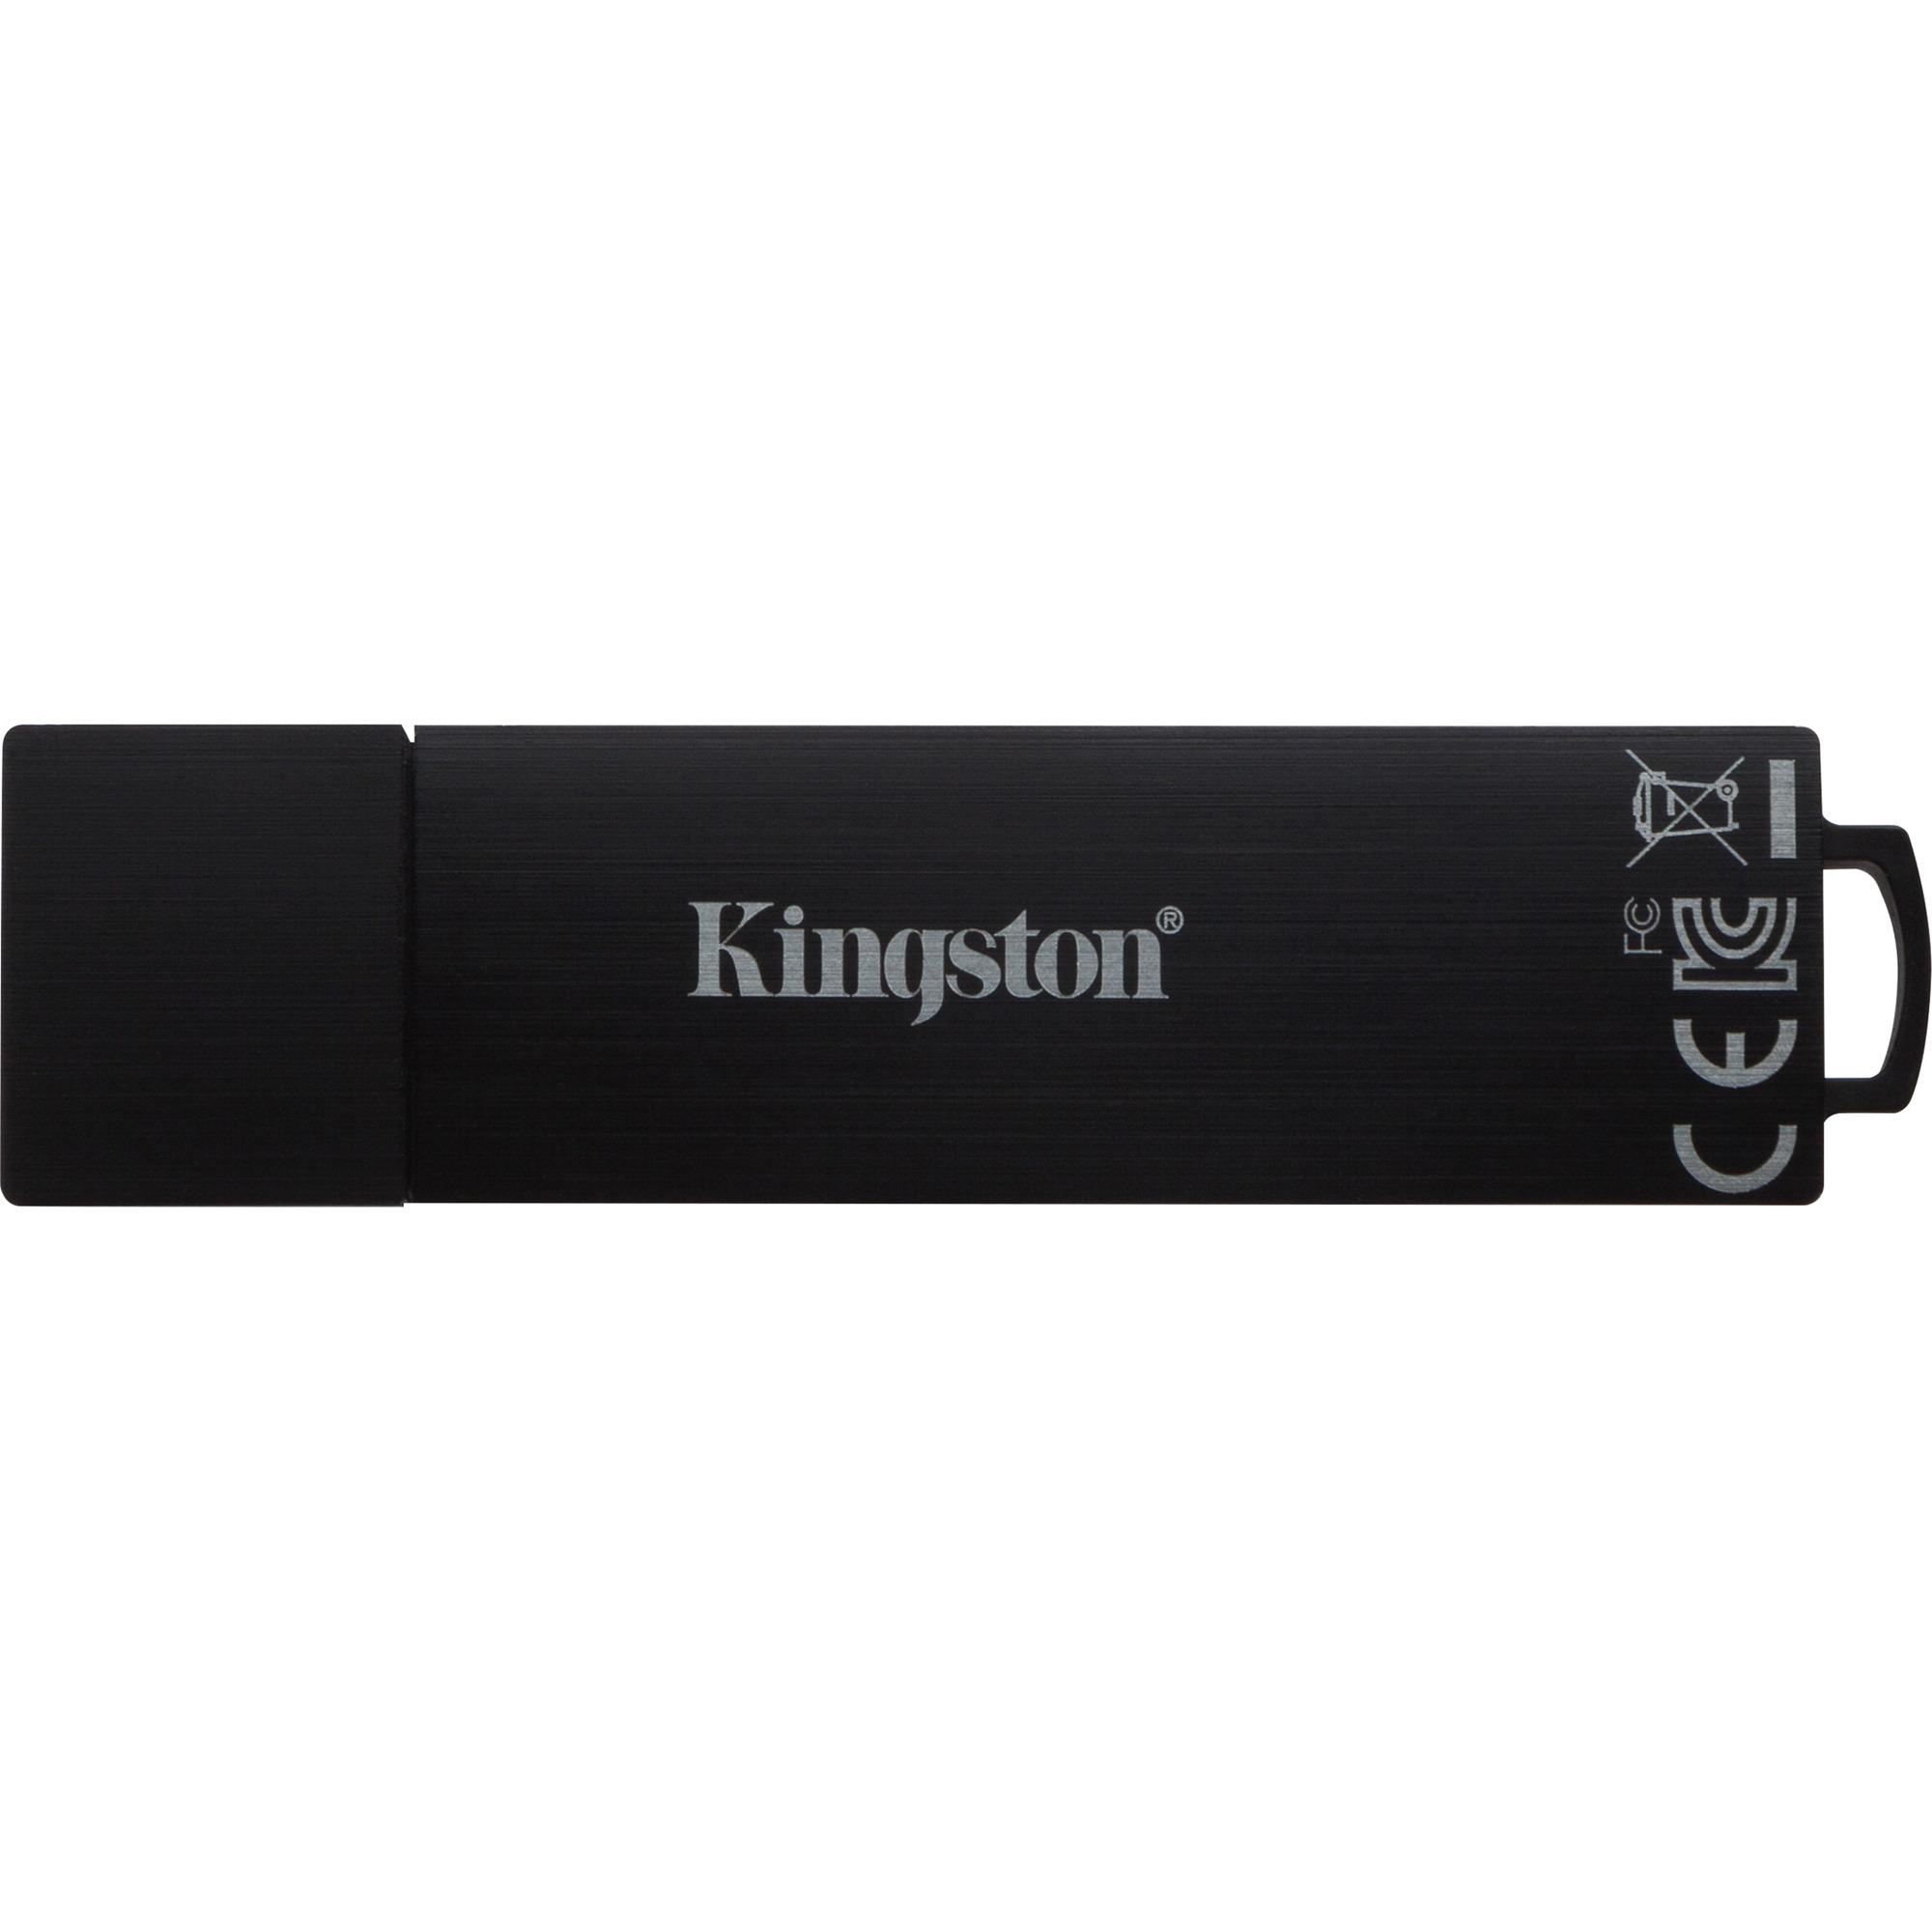 IronKey D300 16 GB USB 3.0 Flash Drive - 256-bit AES